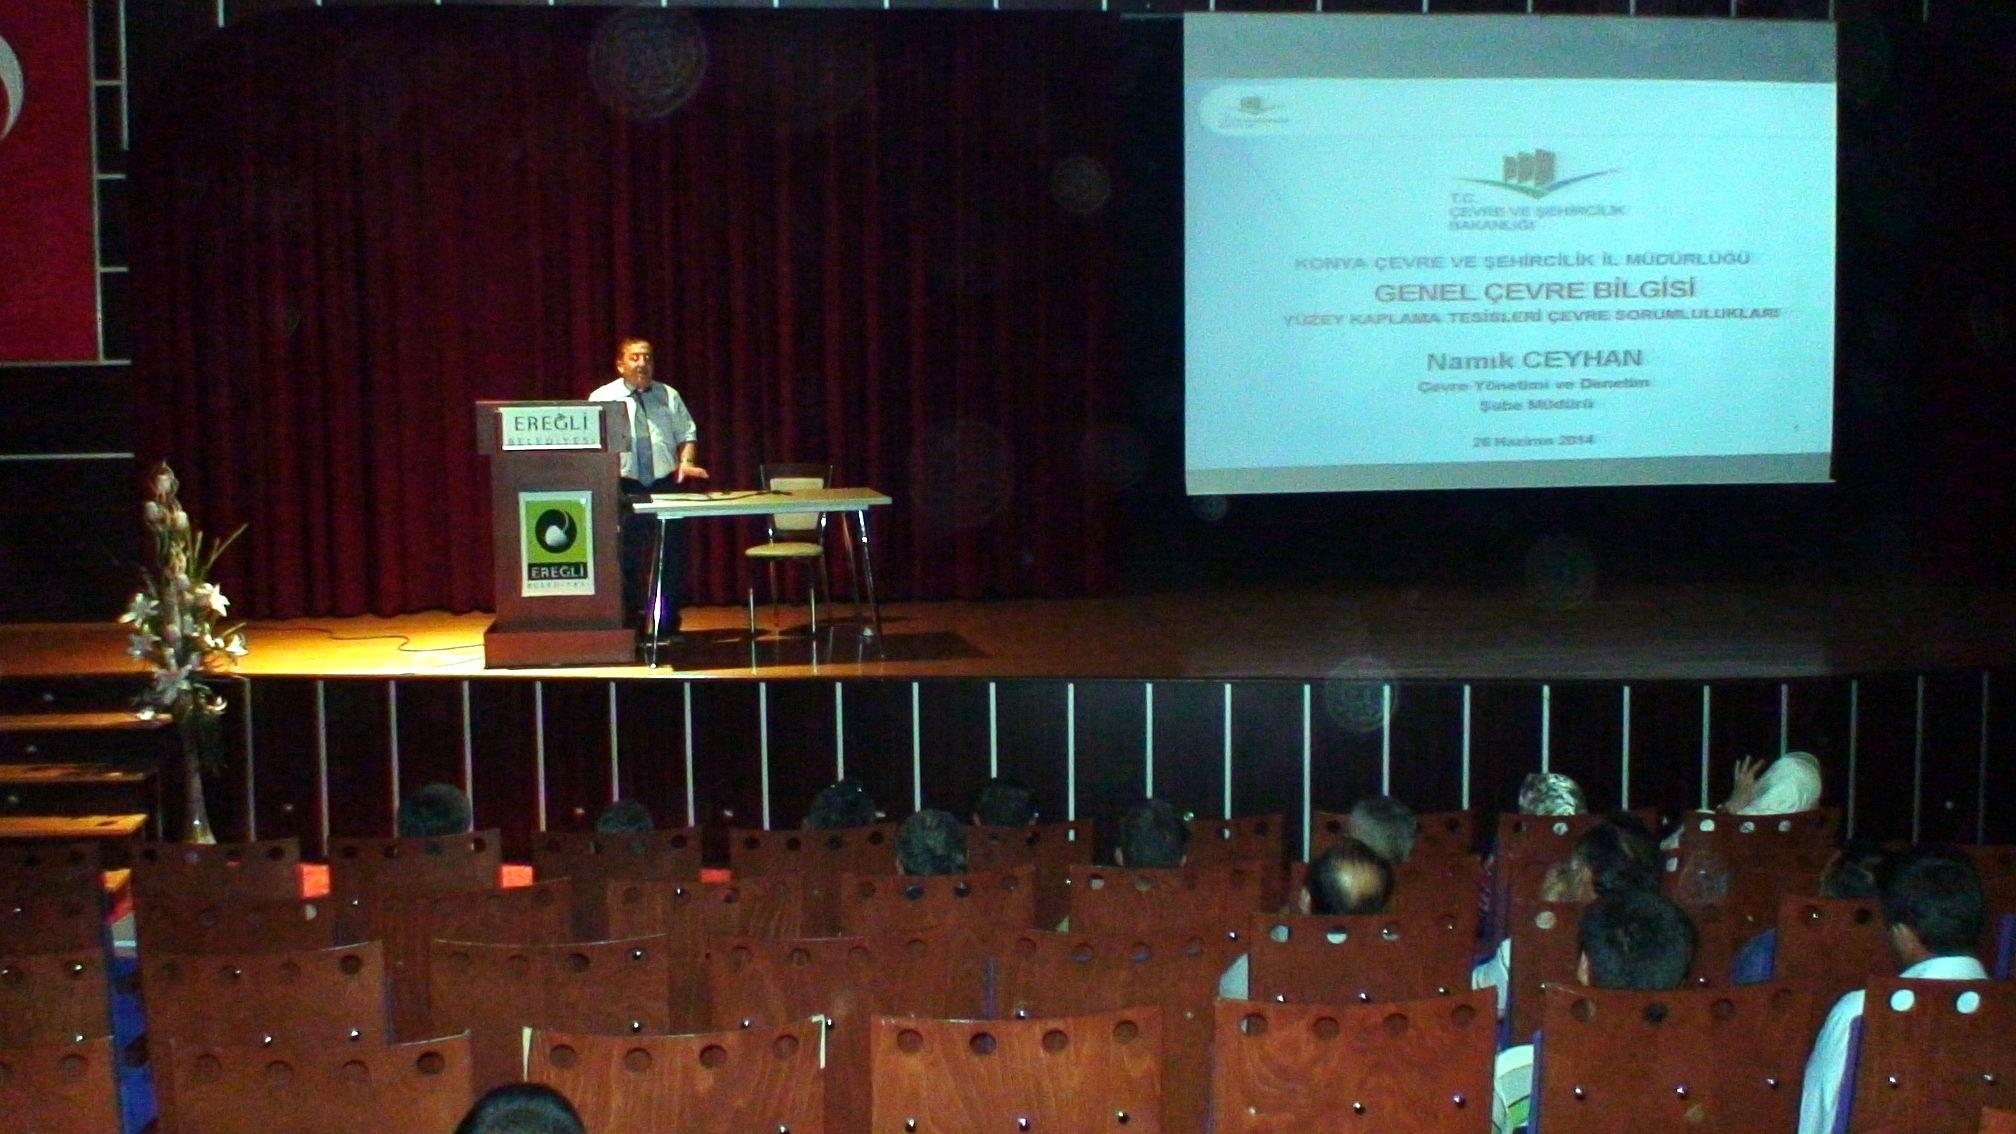 Ereğlide çevre bilgisi semineri